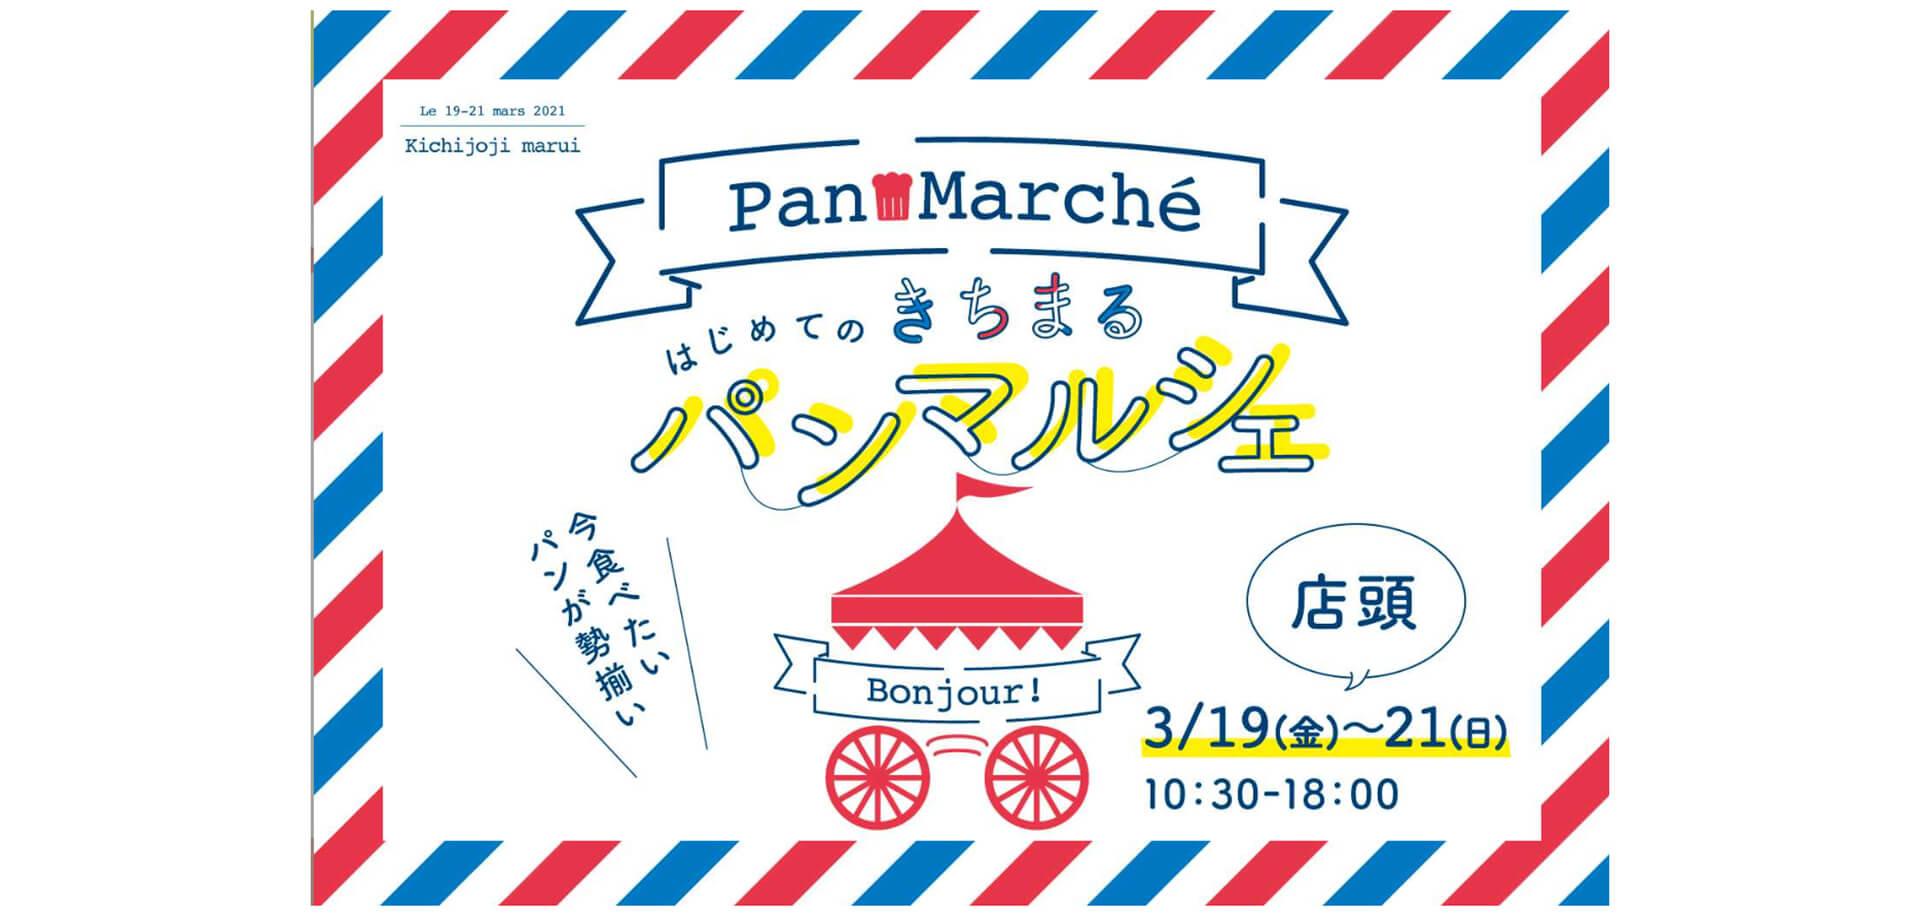 丸井吉祥寺店「はじめてのきちまるパンマルシェ」